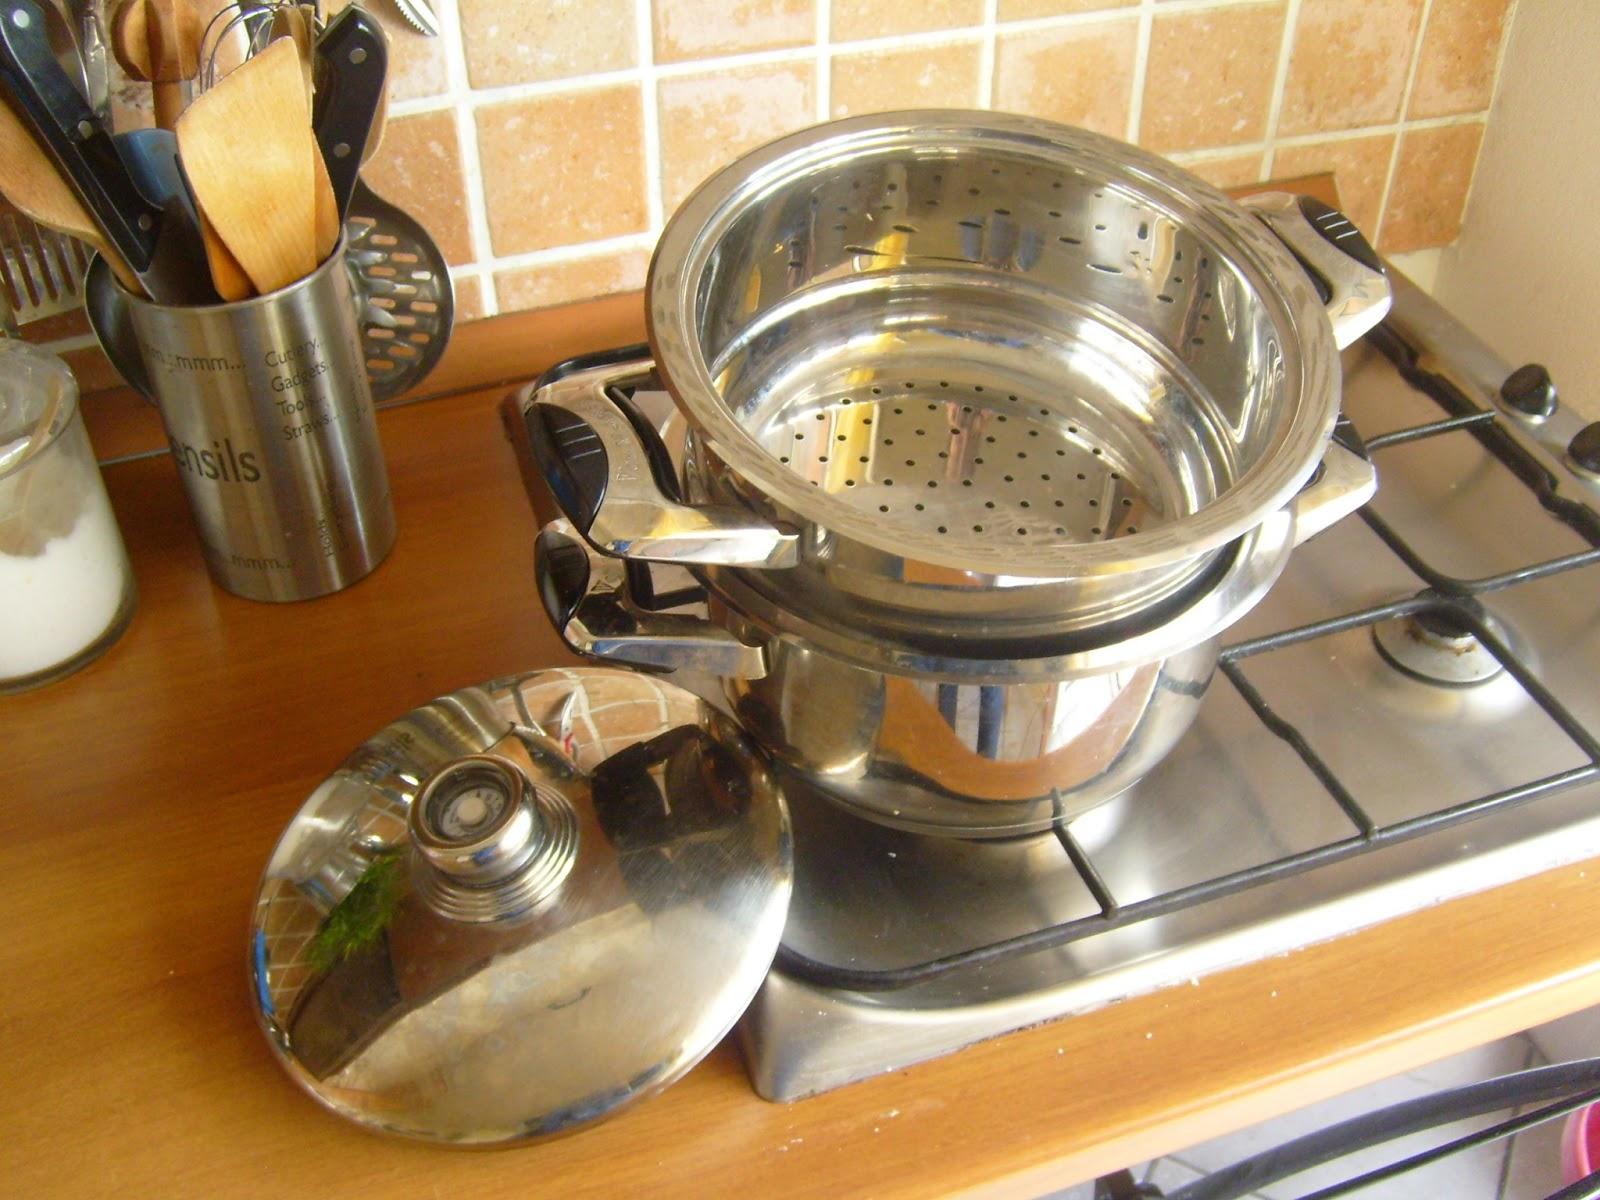 Cocinar vapor microondas dise os arquitect nicos for Cocinar vapor